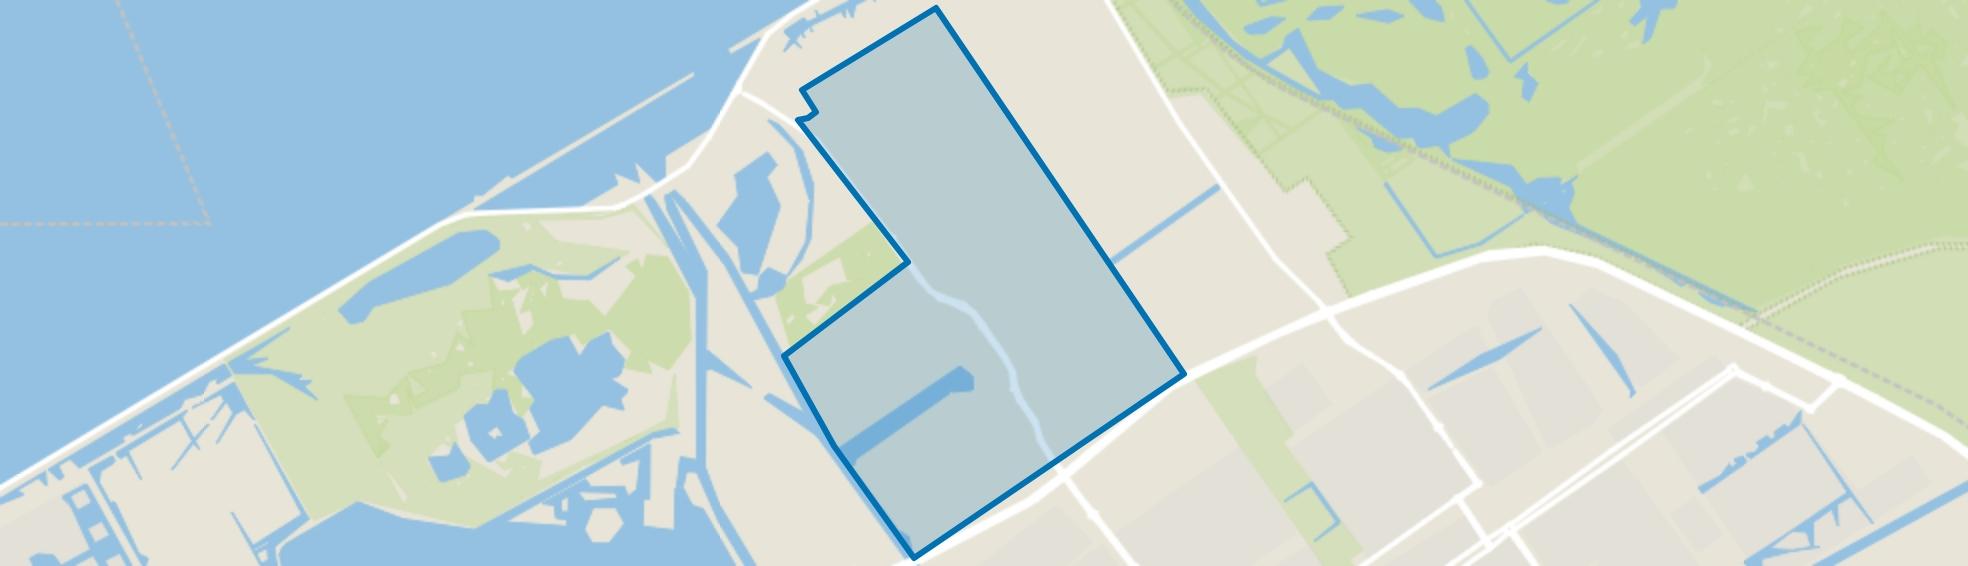 De Vaart, Almere map